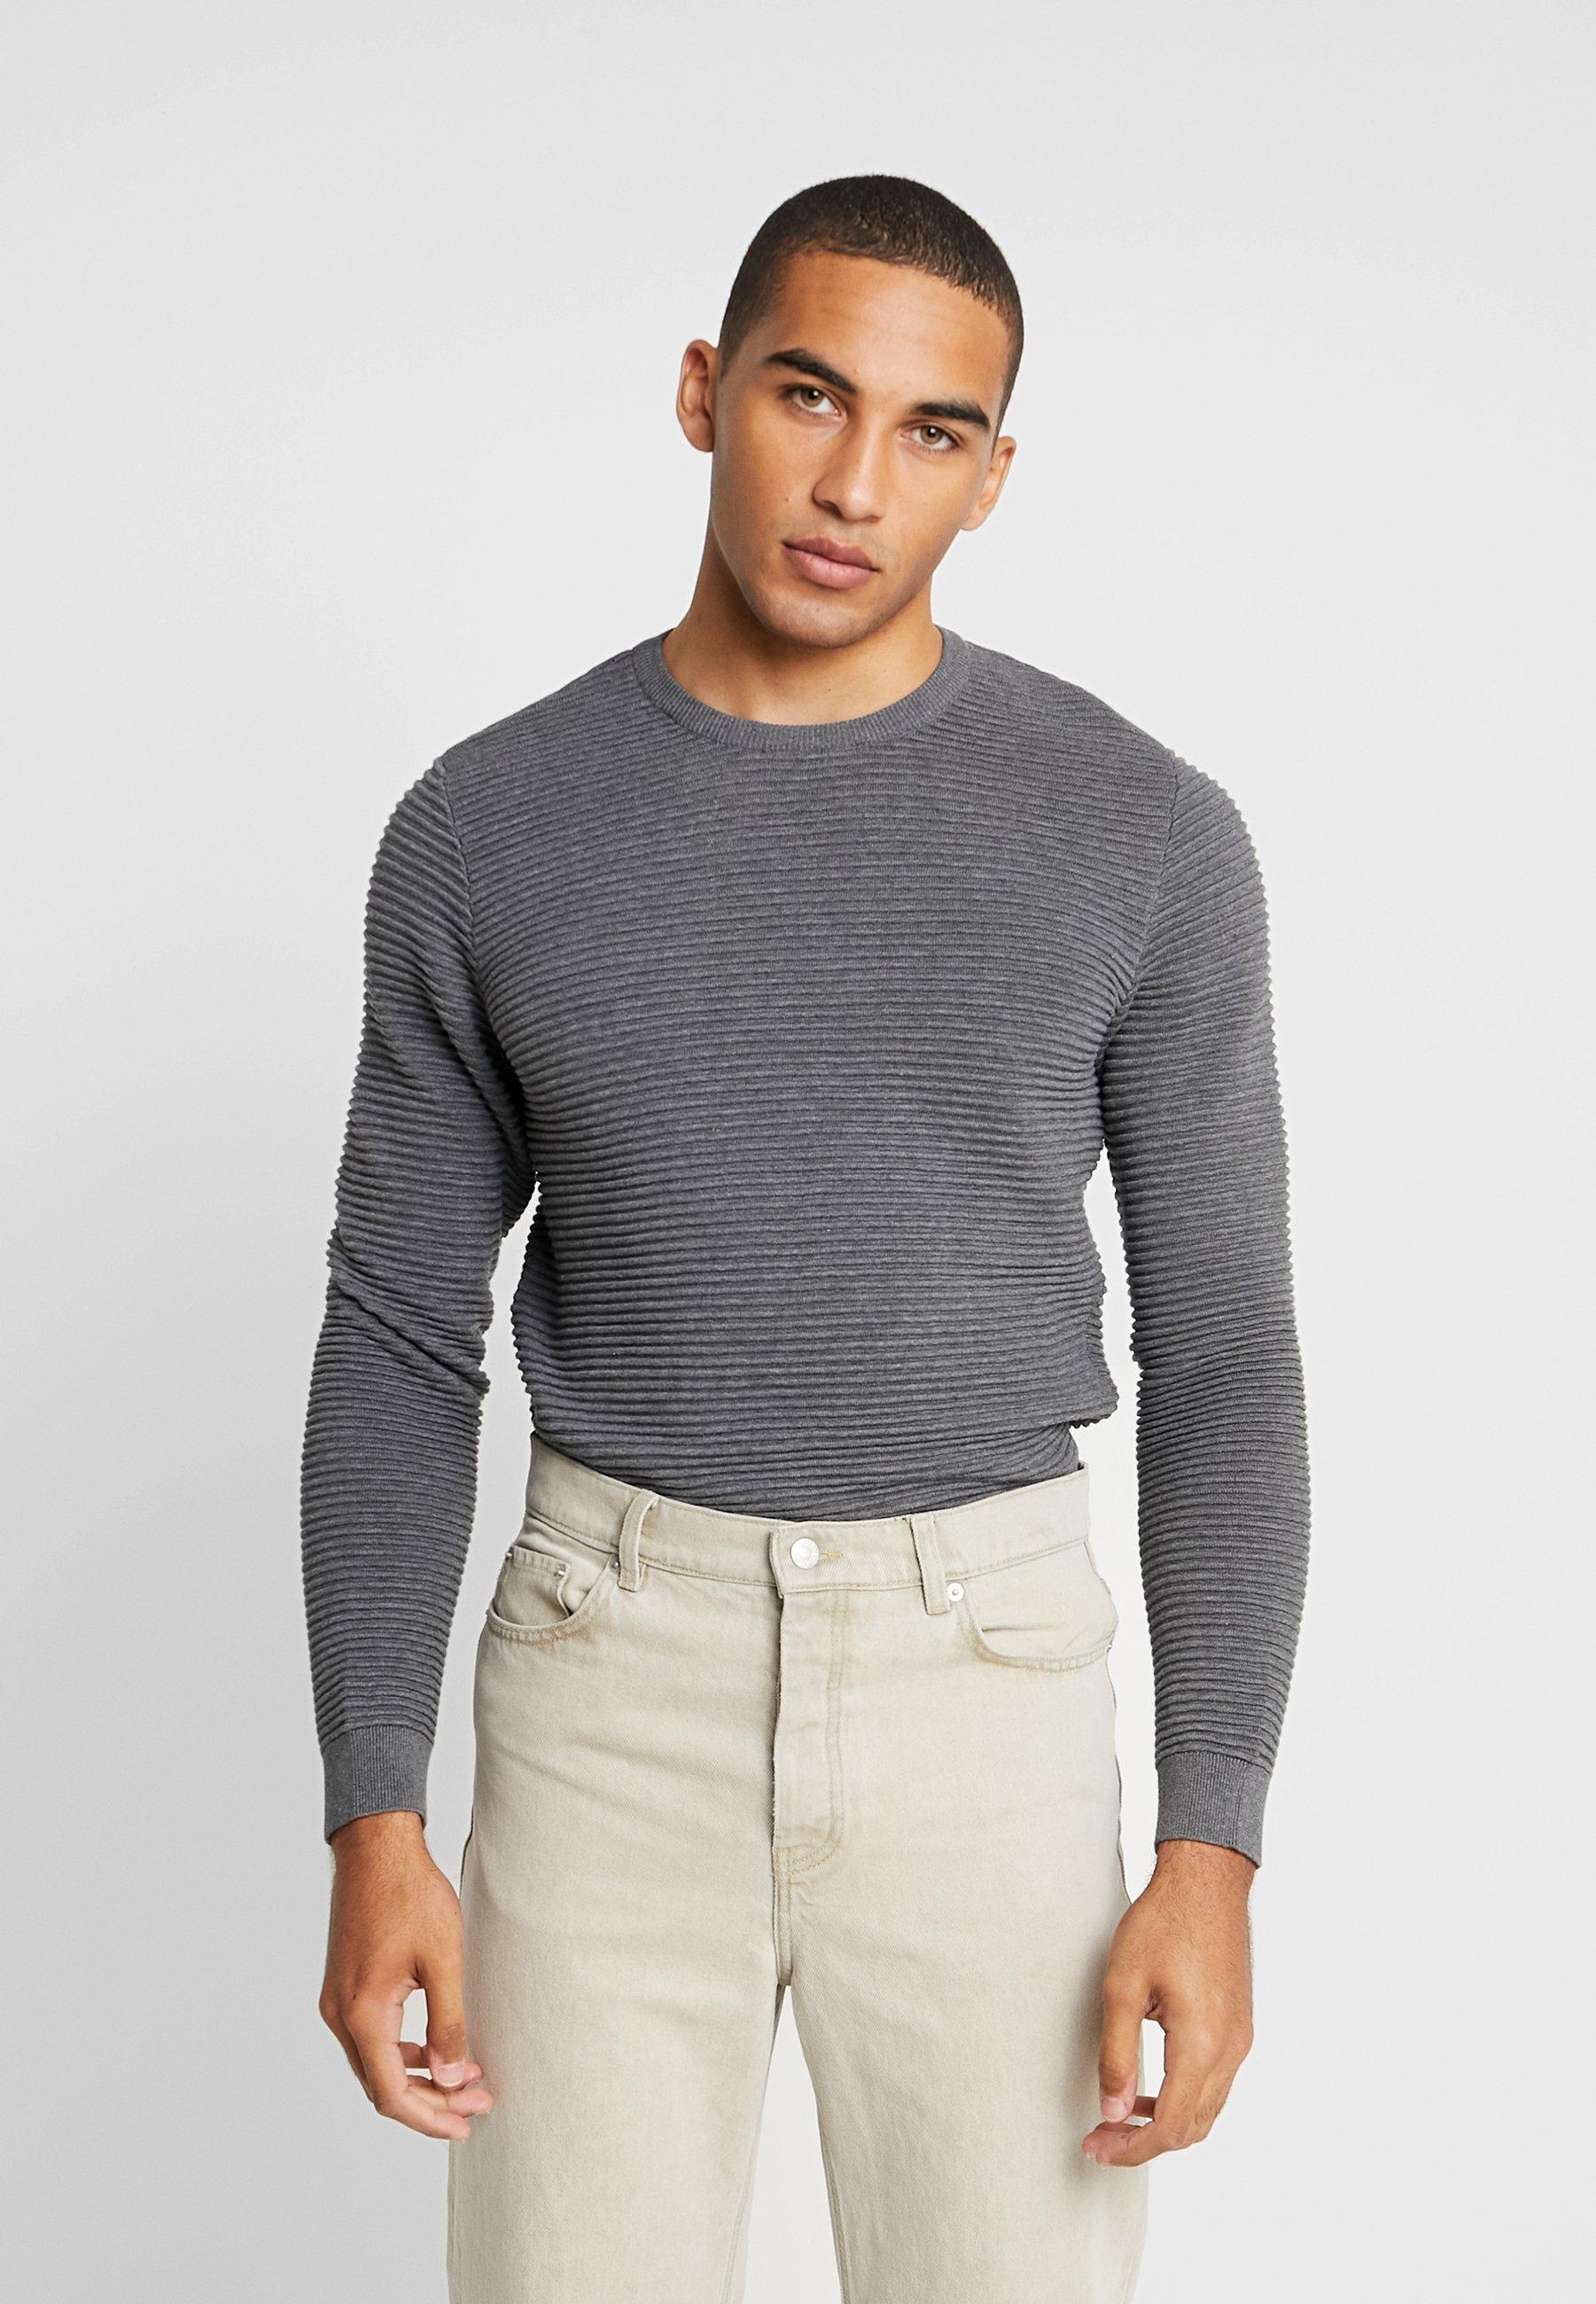 Apparel Wave Knowledge O neckPullover Grey Dark Cotton Melange SUzVqMp